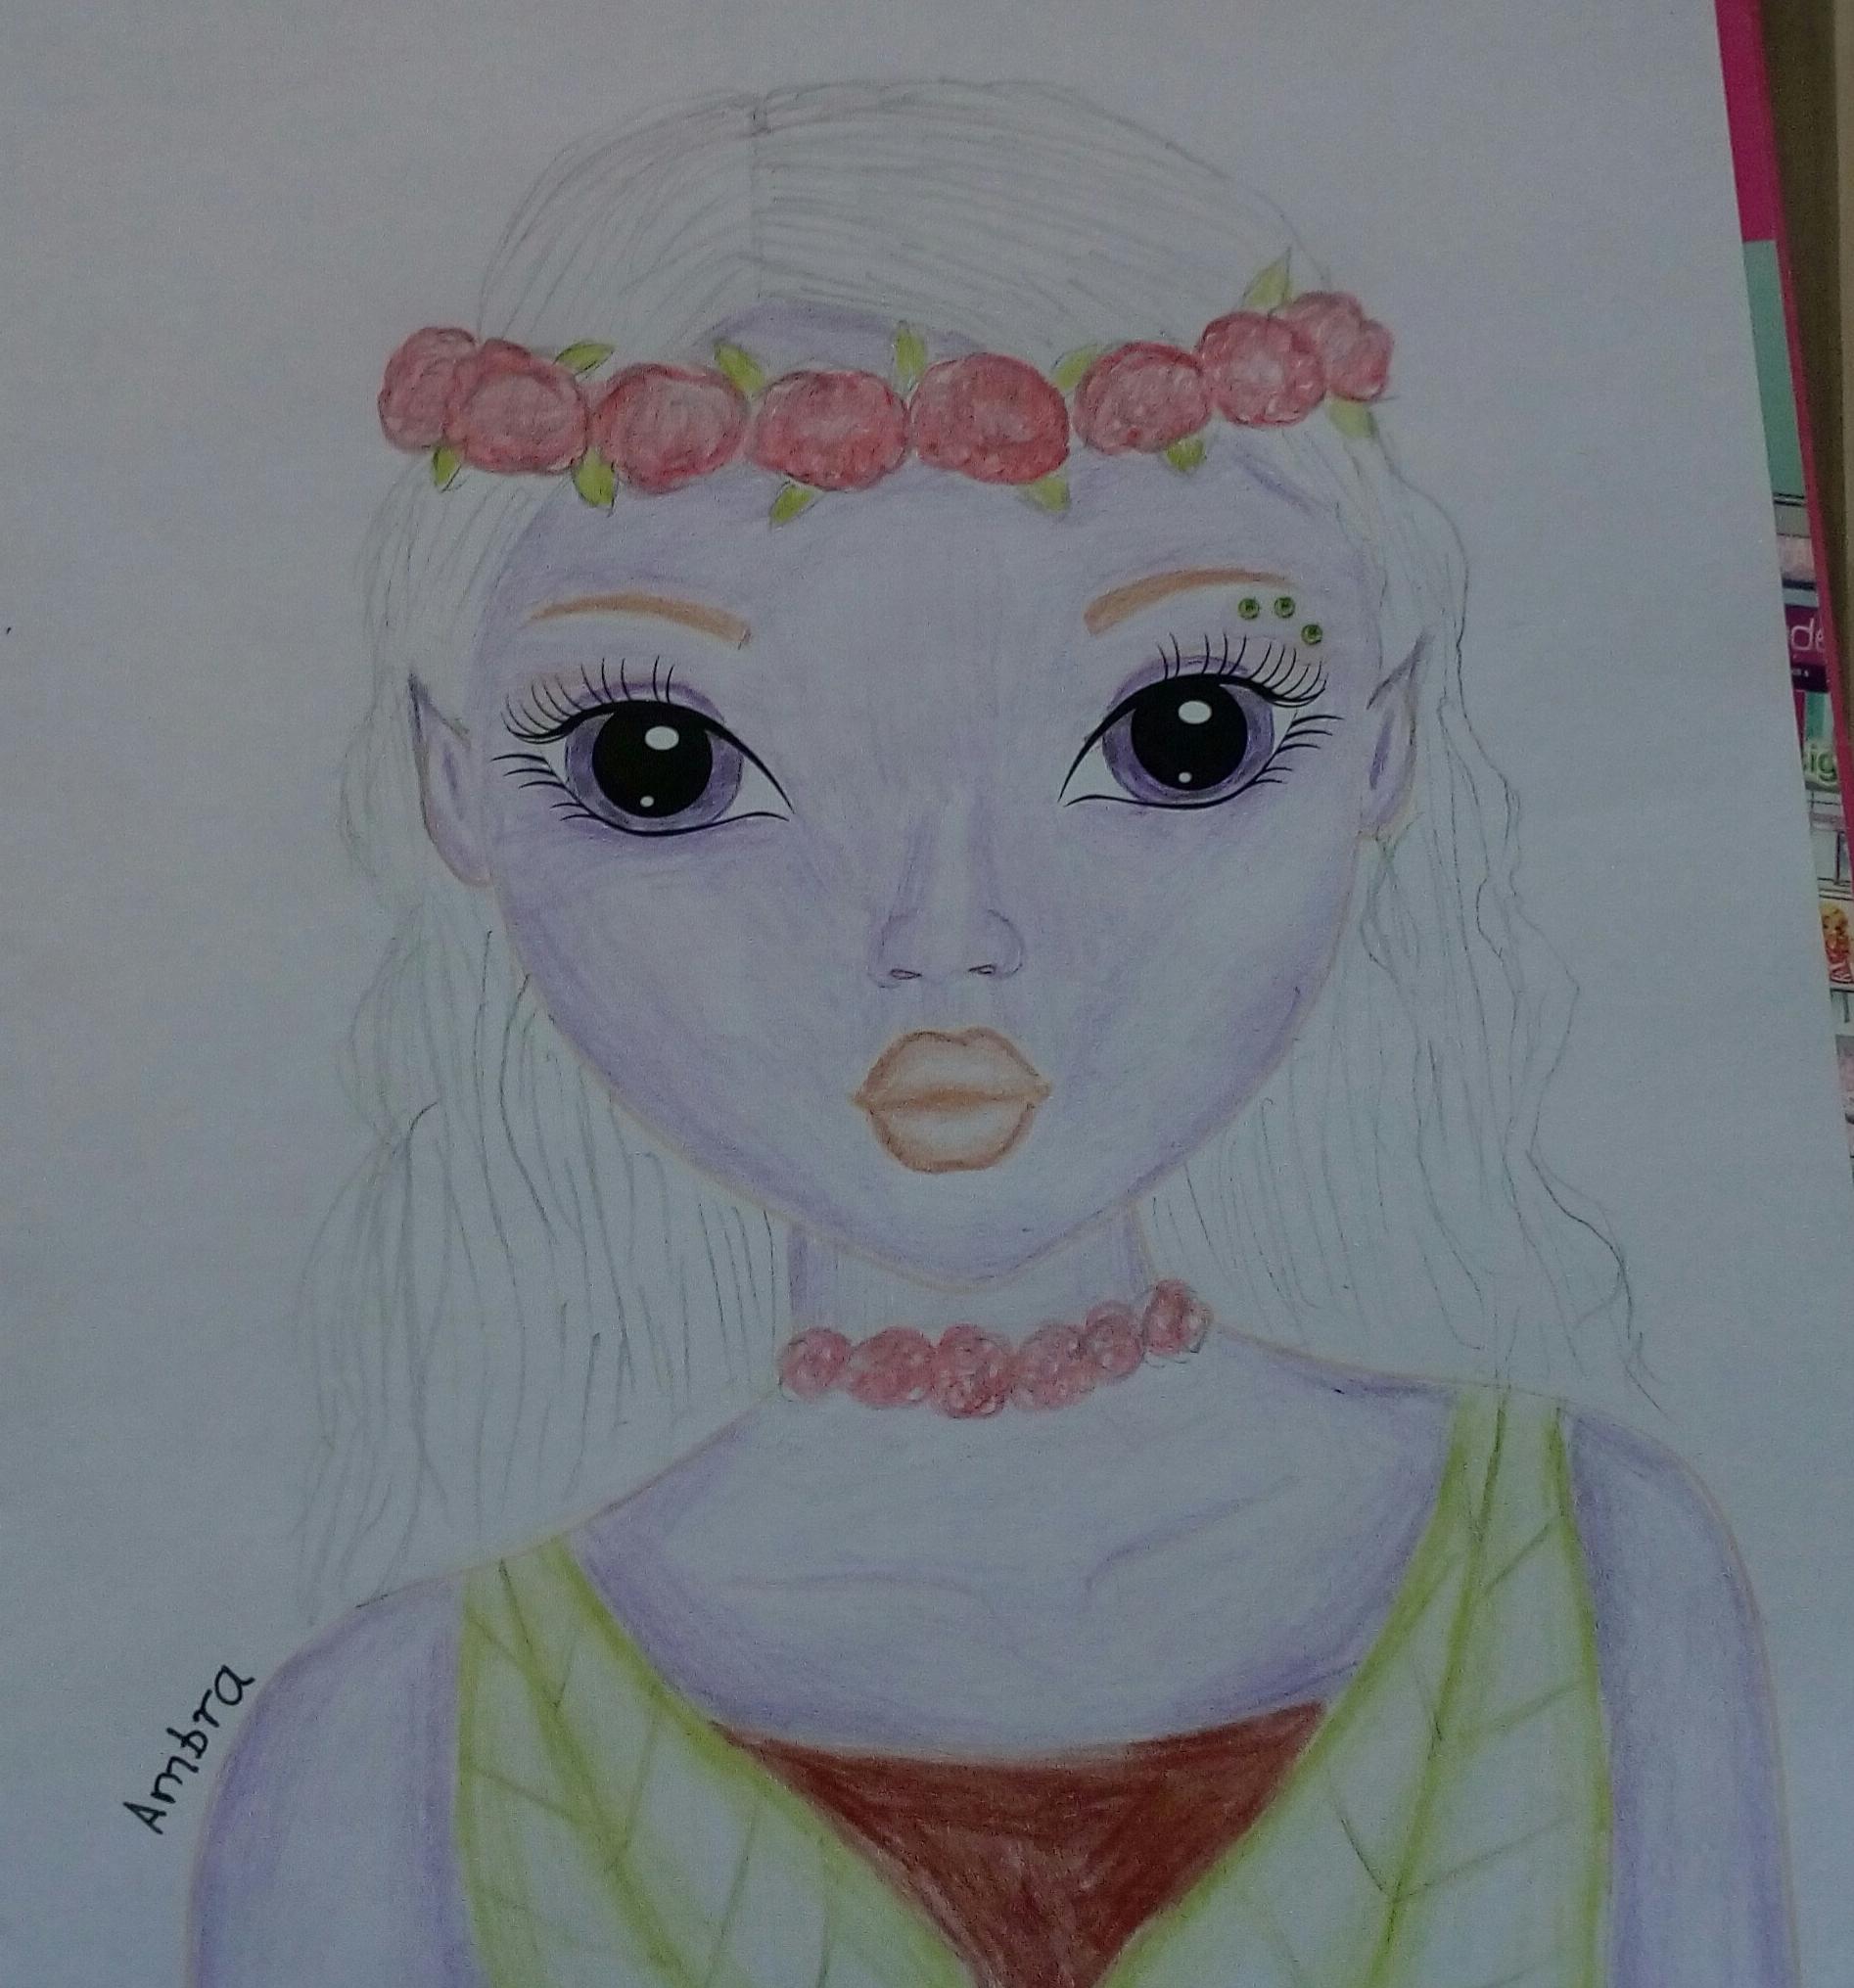 Eliška K., 11 Jahre, aus Žďár nad Sázavou